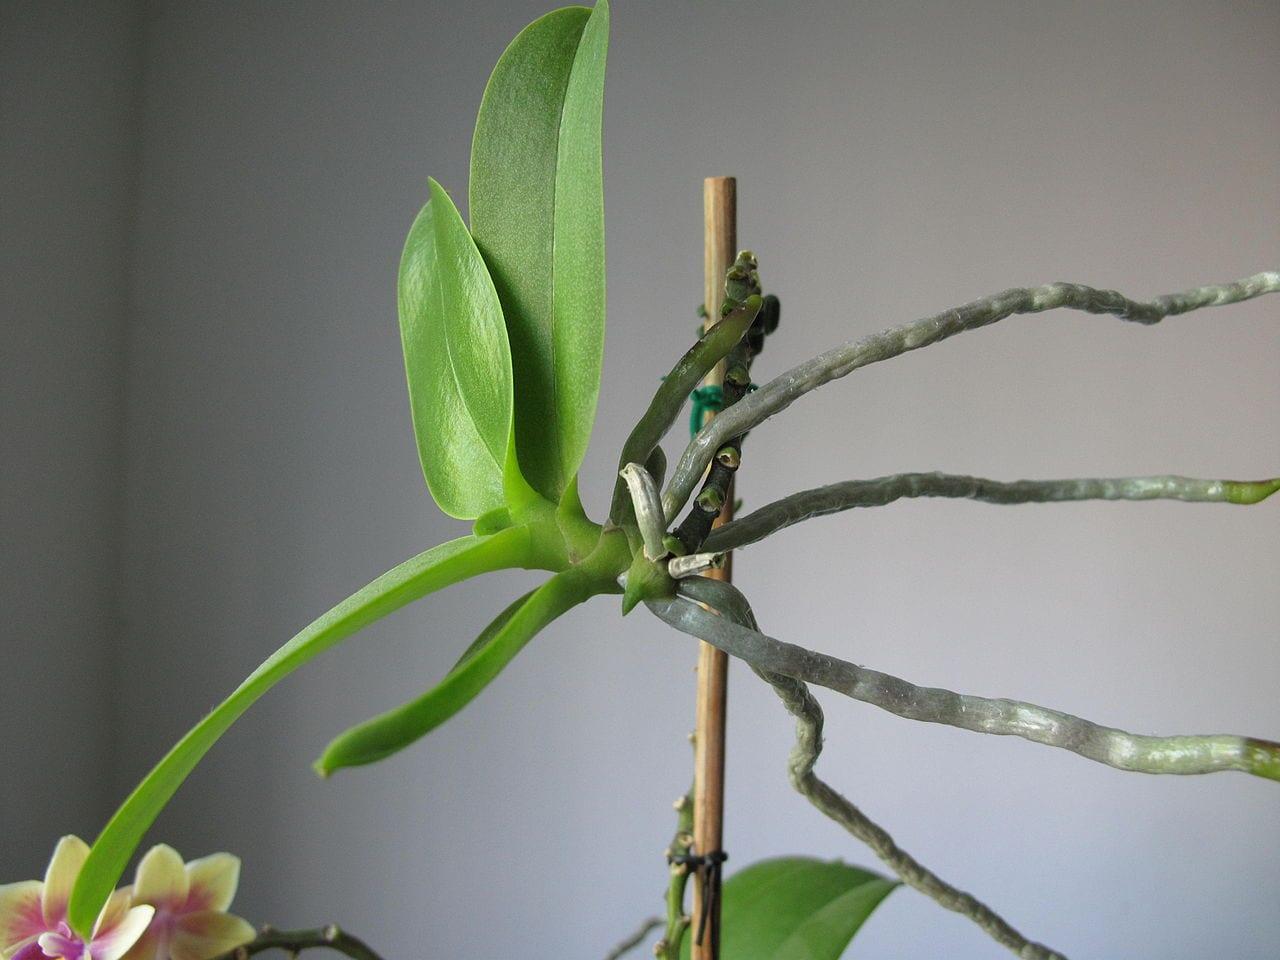 ¿Cómo reproducir orquídeas?